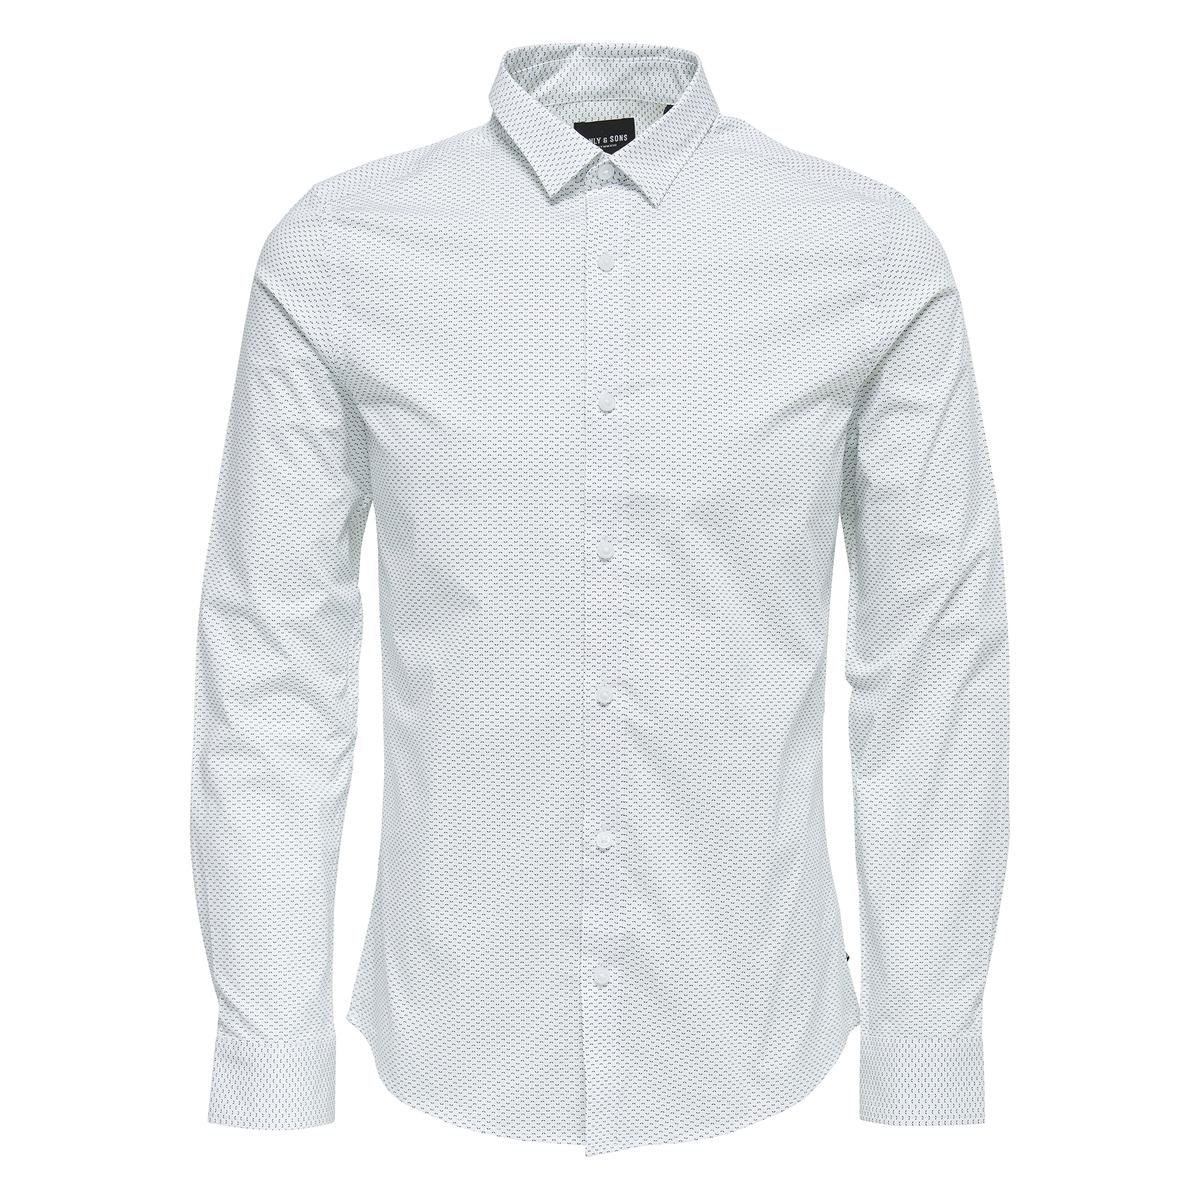 Рубашка с рисунком и длинными рукавамиОписание:Детали •  Длинные рукава •  Приталенный покрой   •  Классический воротникСостав и уход •  97% хлопка, 3% эластана •  Следуйте рекомендациям по уходу, указанным на этикетке изделия<br><br>Цвет: белый,синий морской